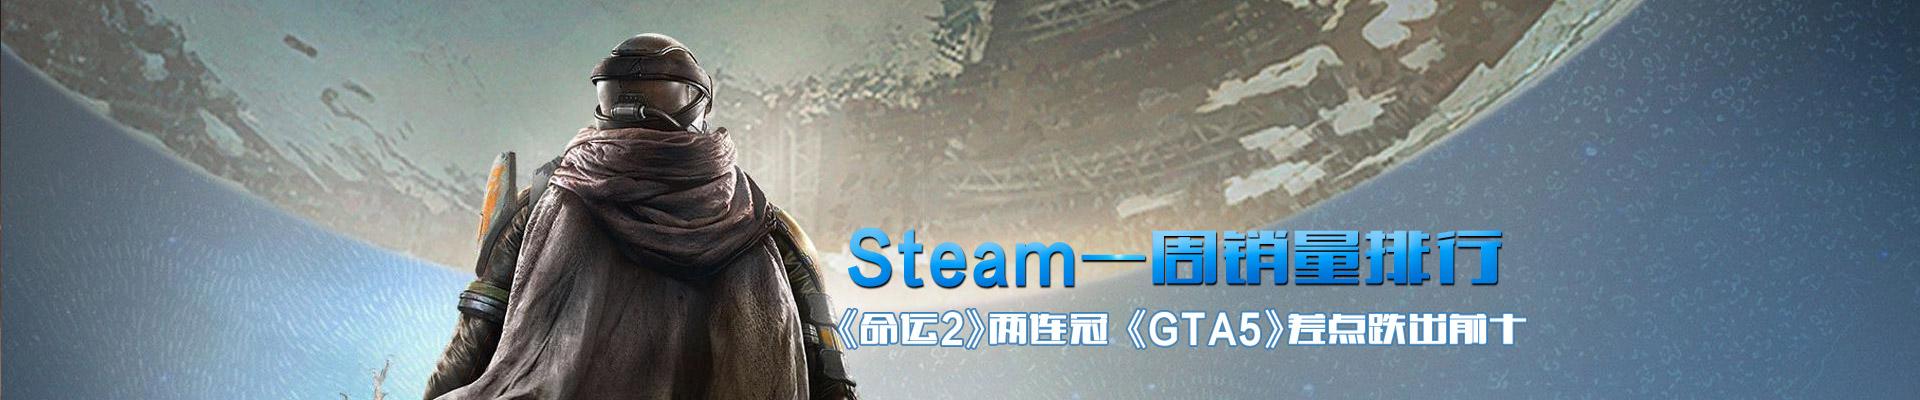 Steam周销量排行榜:《命运2》暗影要塞两连冠 《GTA5》差点跌出前十